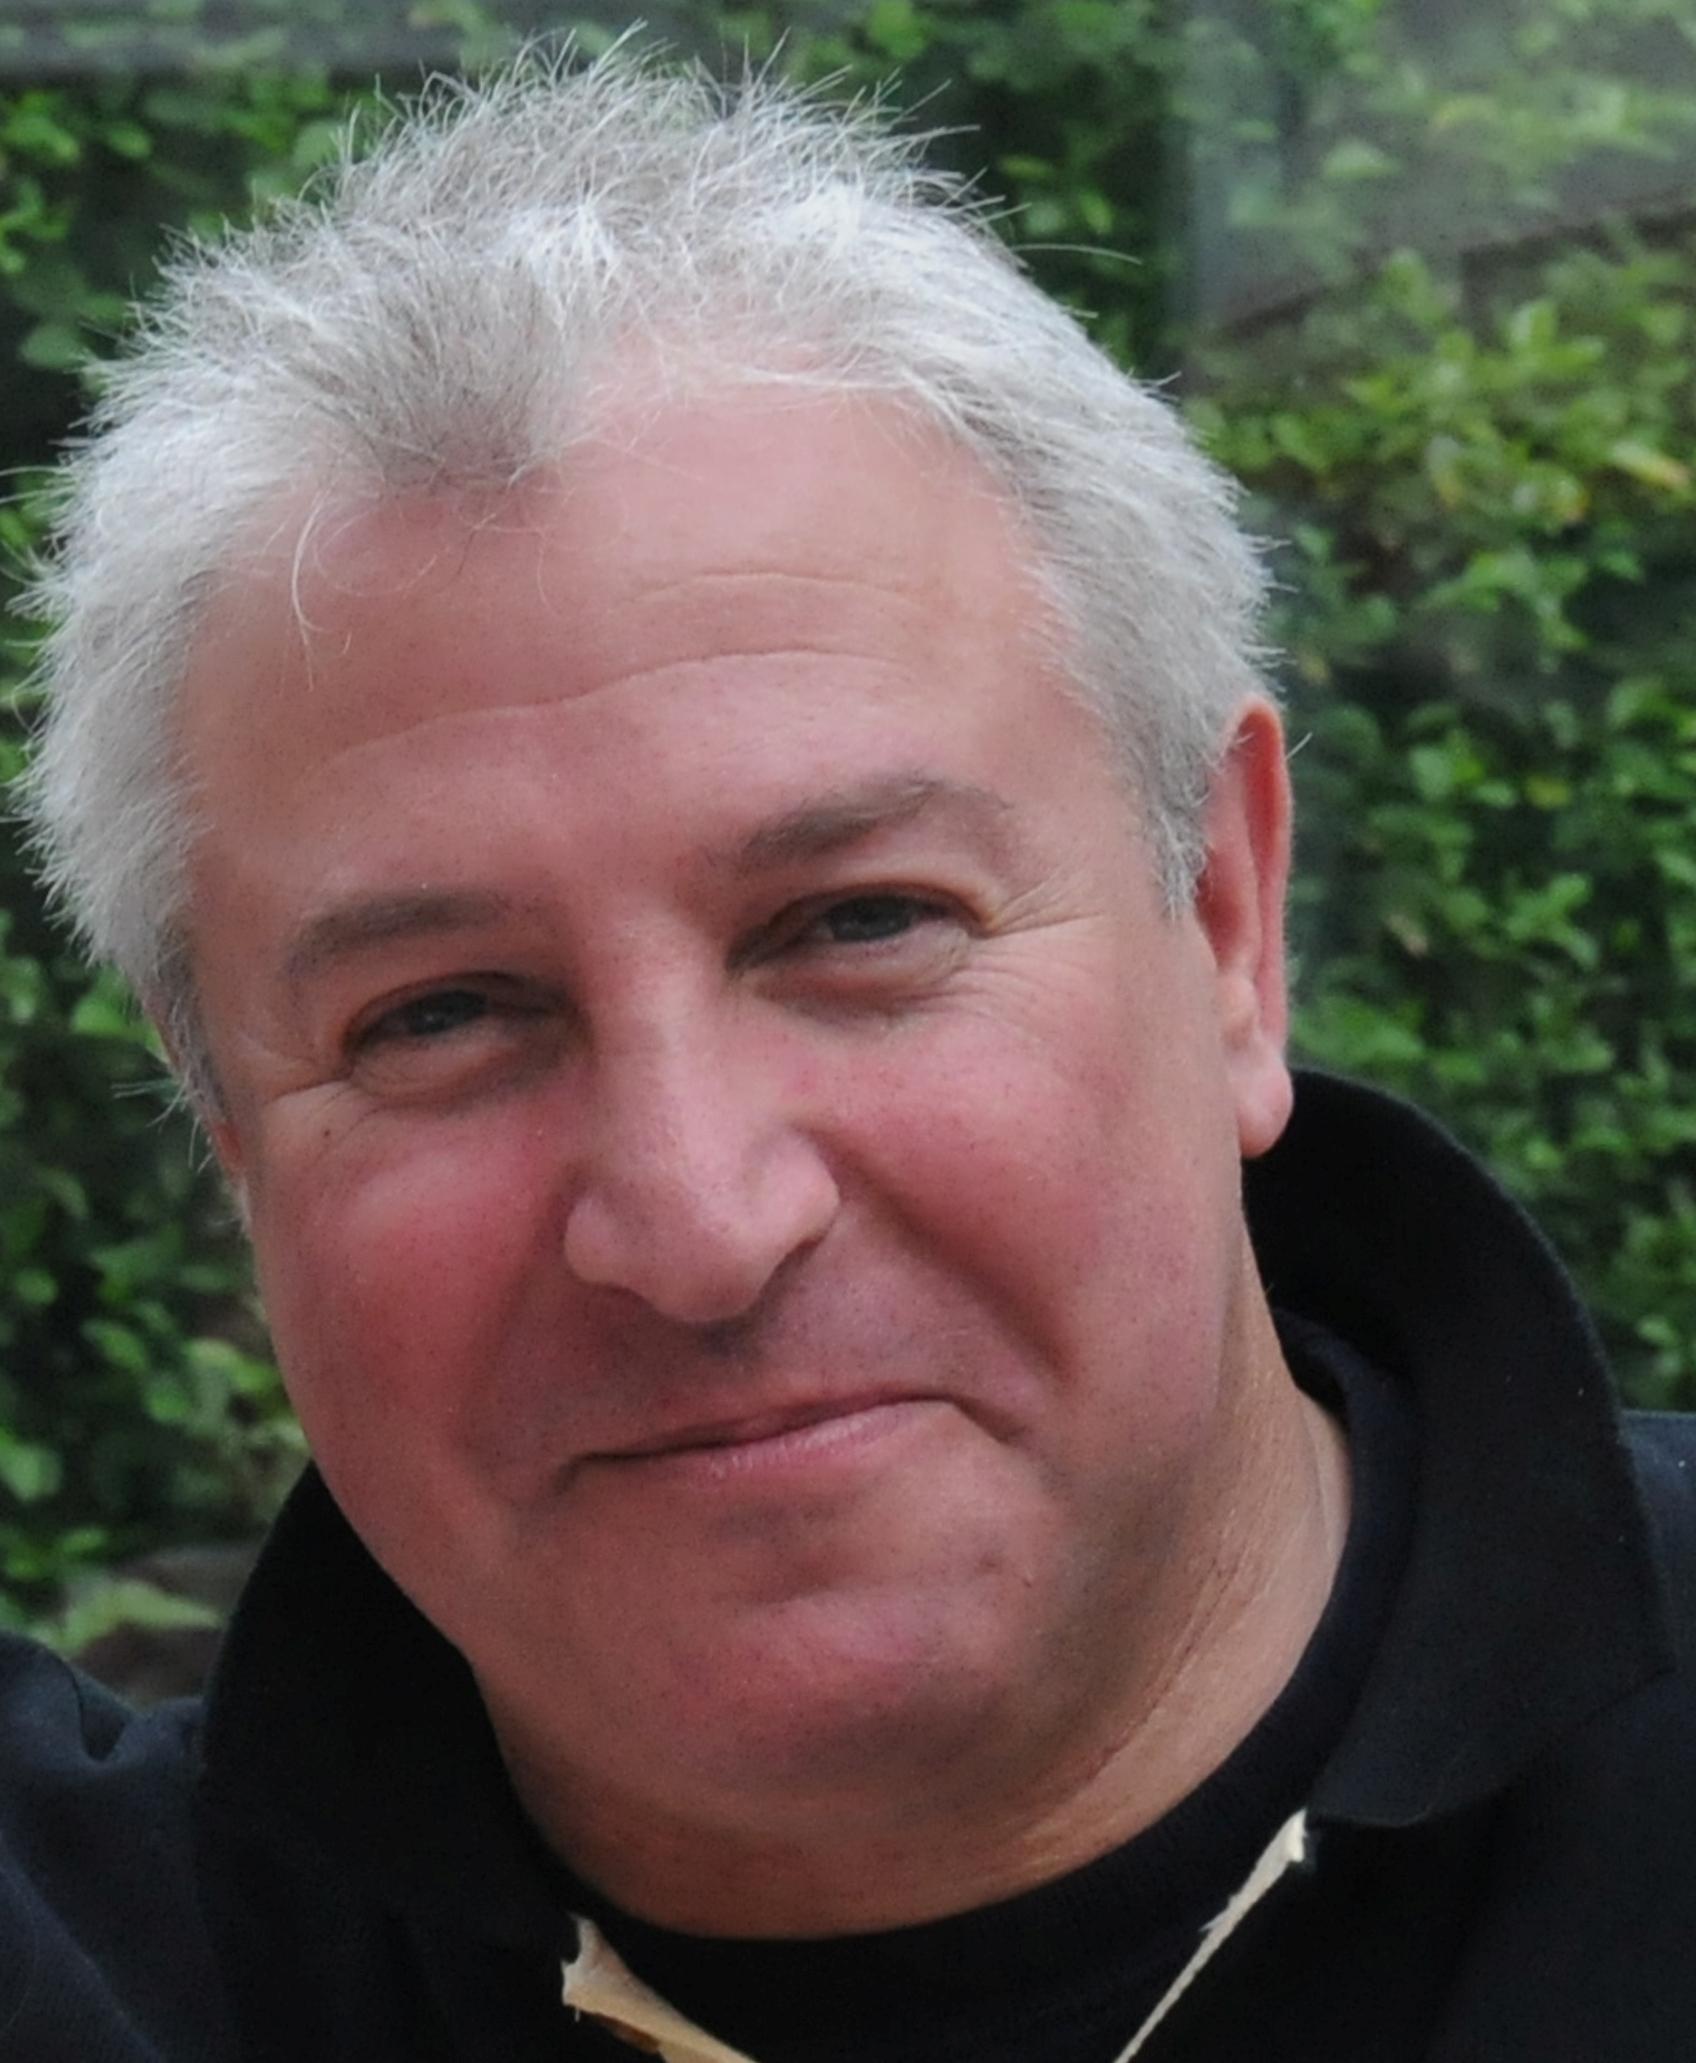 Allan Behrens